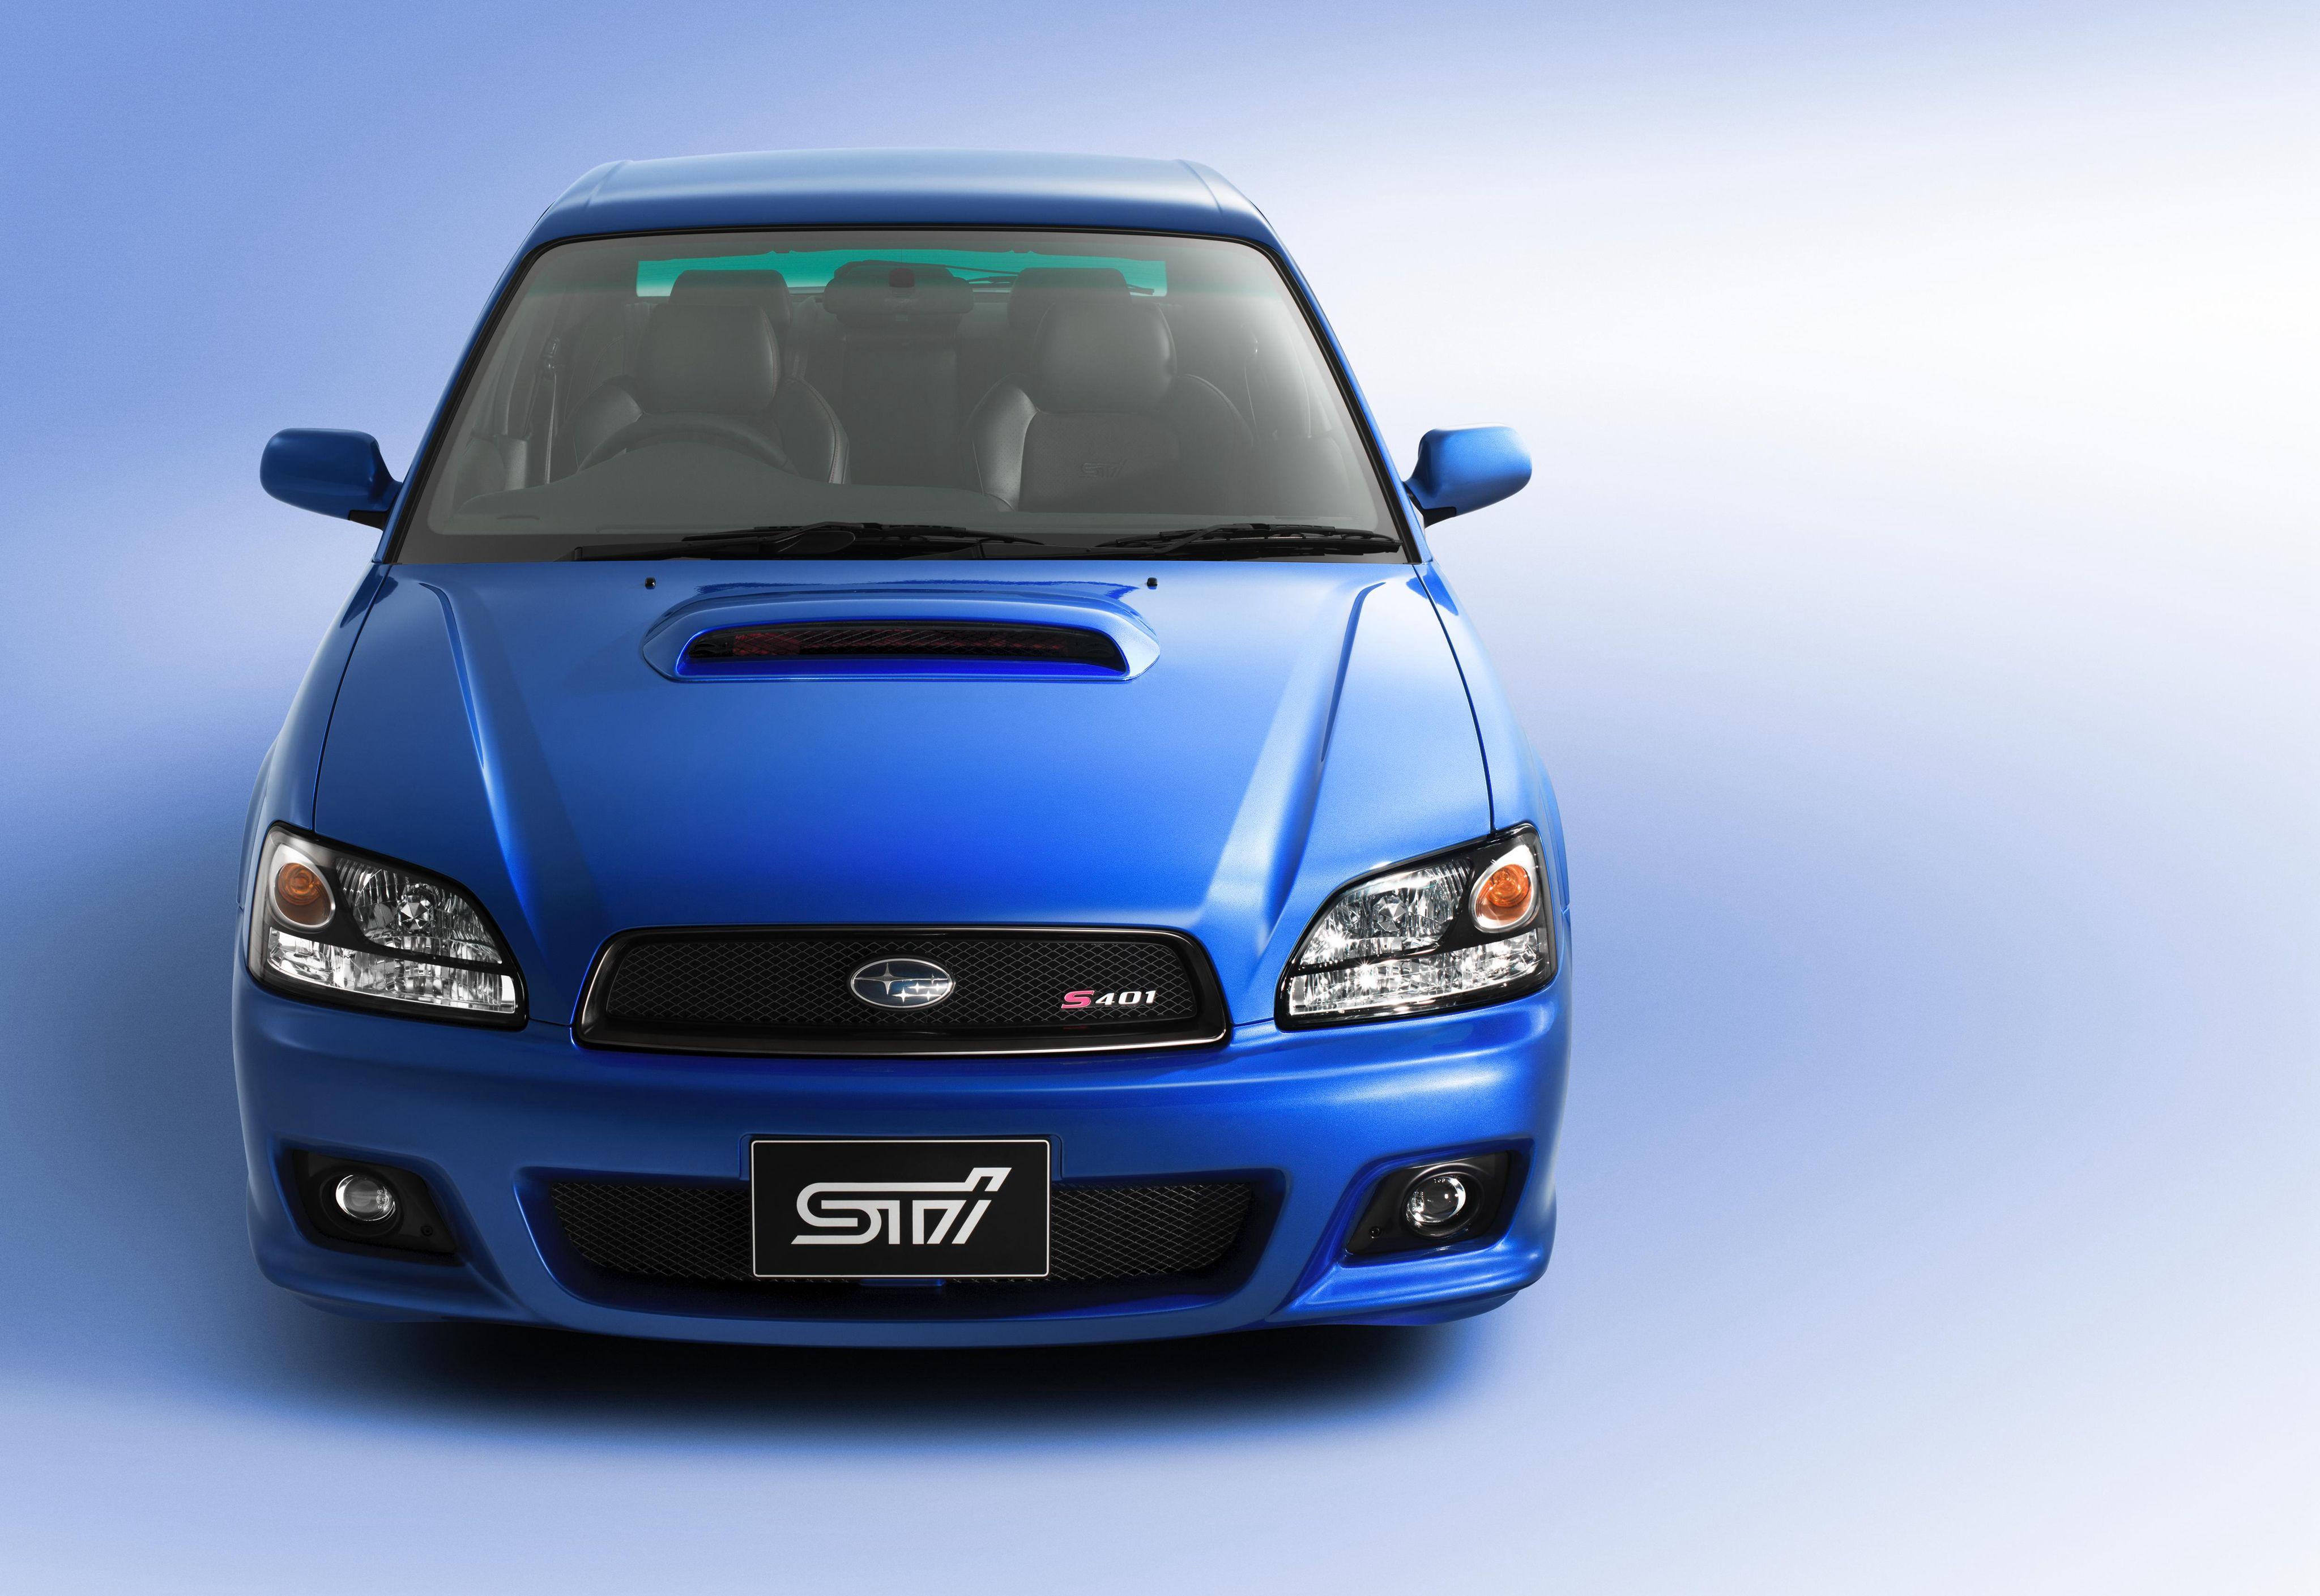 Subaru Legacy Sti S401 Be Bh 2002 Subaru